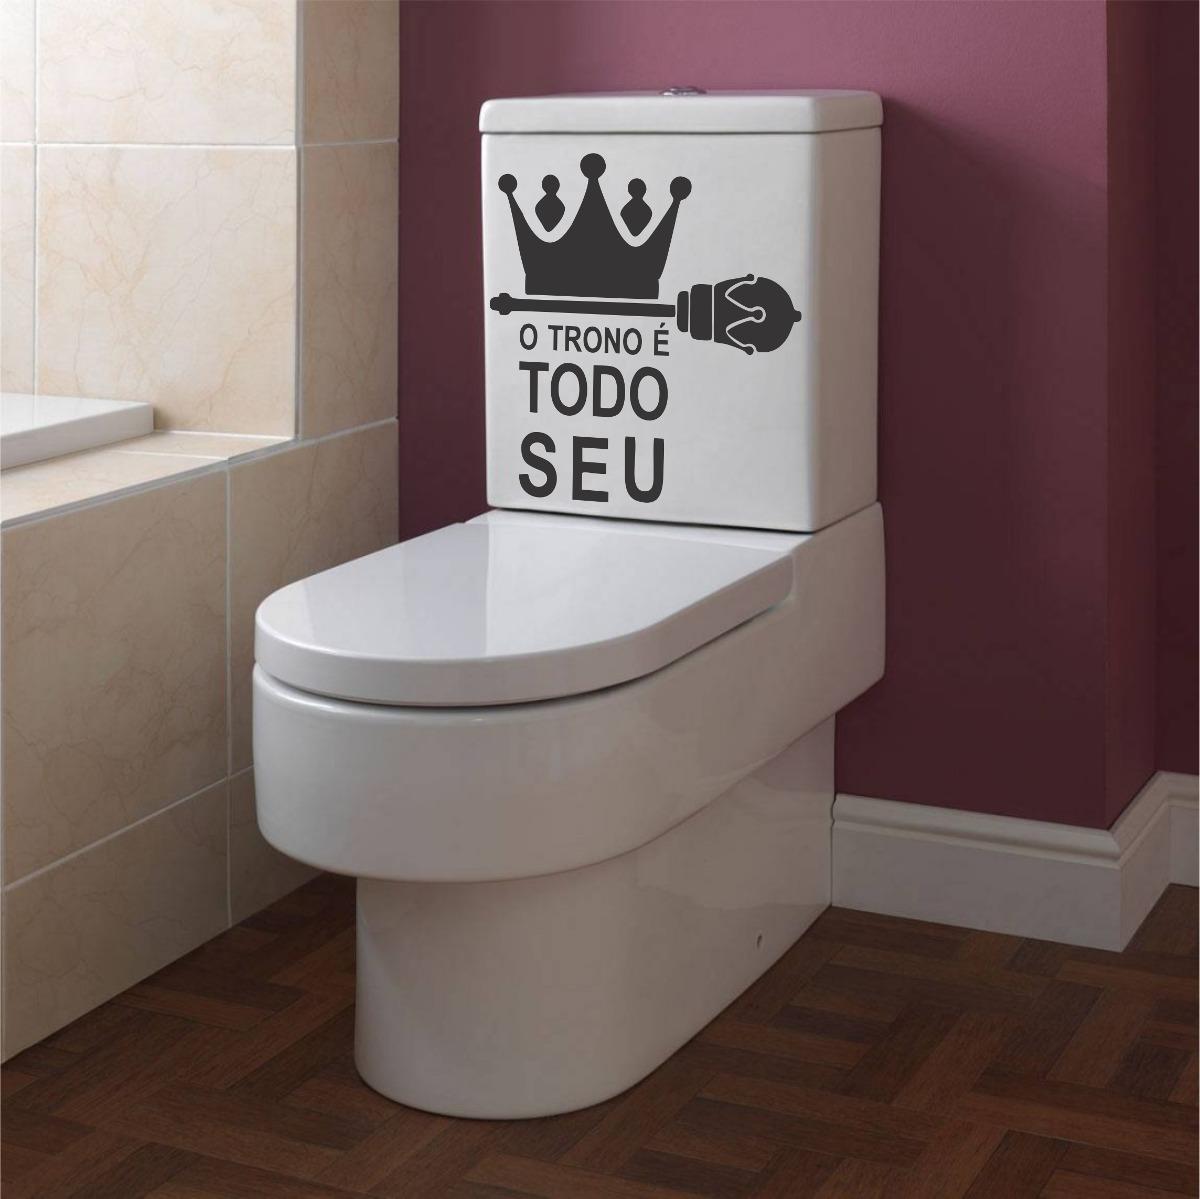 #412725  Parede Banheiro Vaso Assento Sanitário R$ 6 99 em Mercado Livre 1200x1199 px papel de parede para banheiro mercado livre